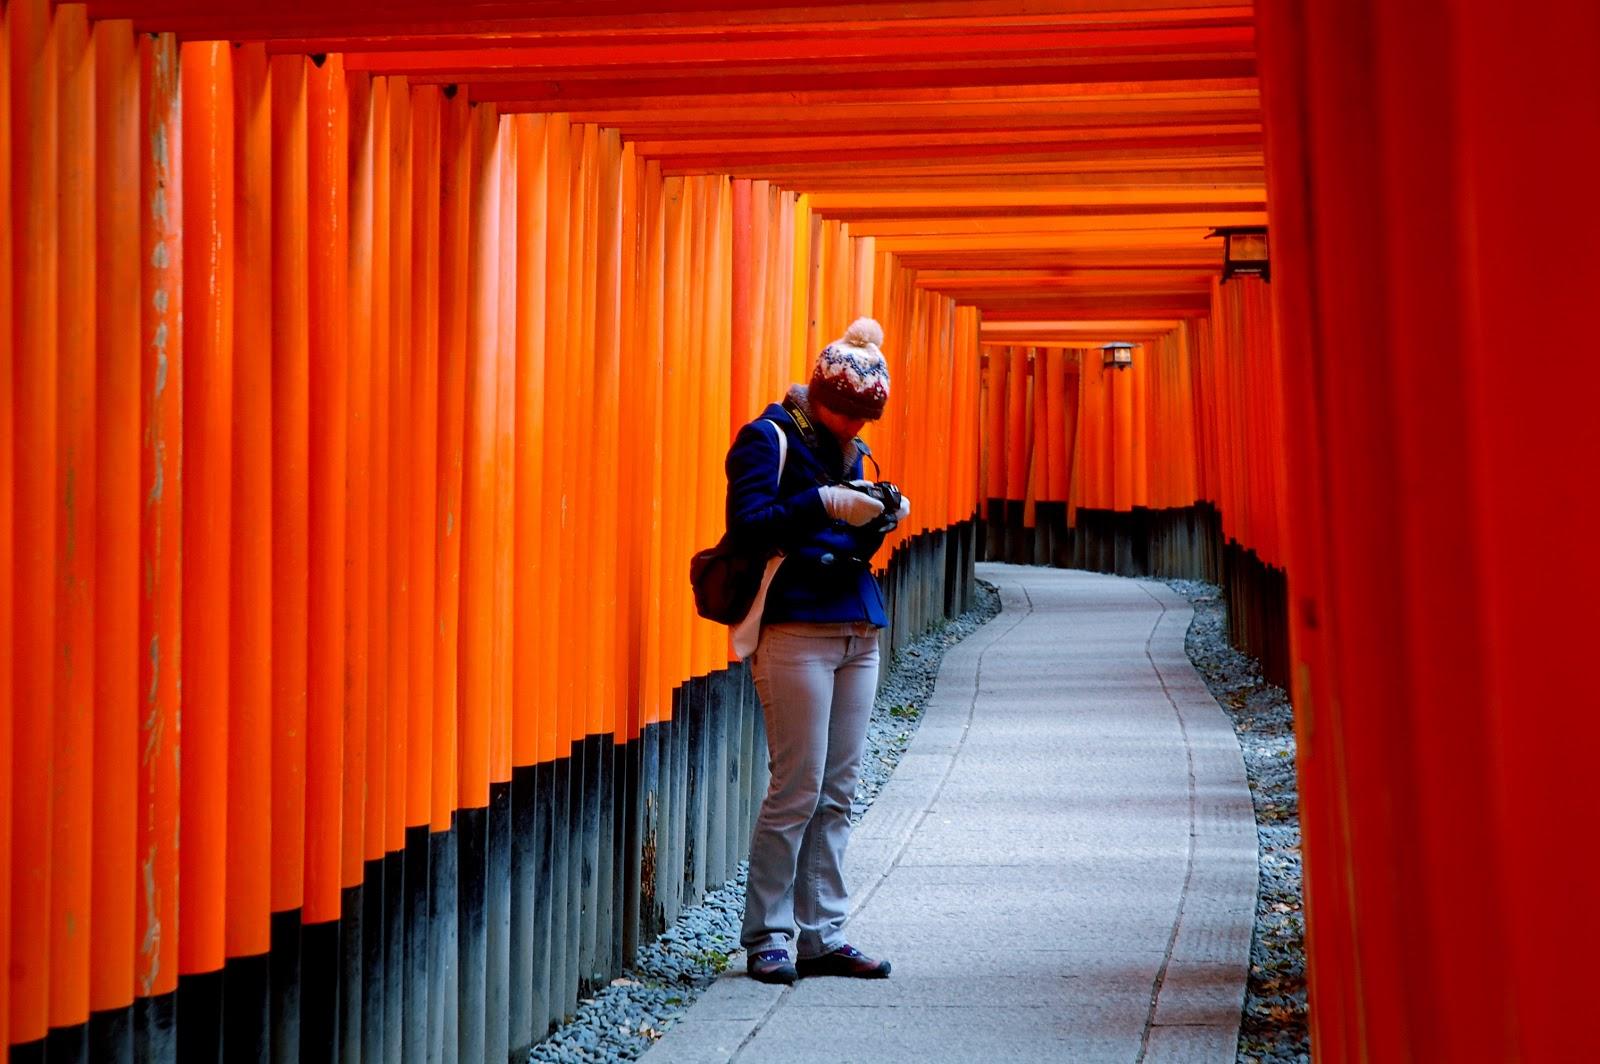 Fushimi Inari, Japan 2013